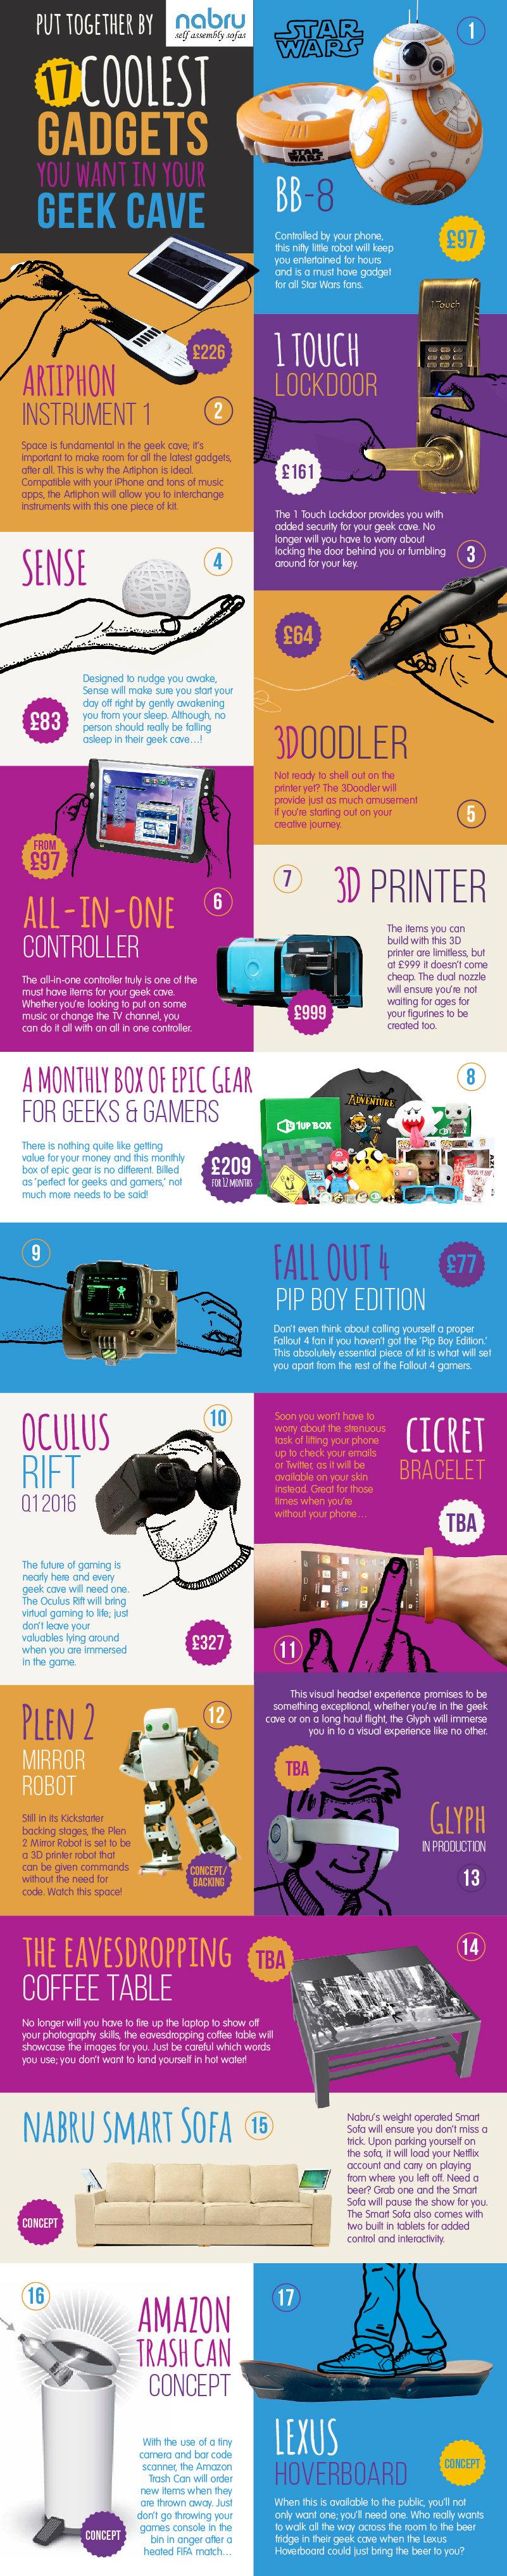 Coolest gadgets geek cave